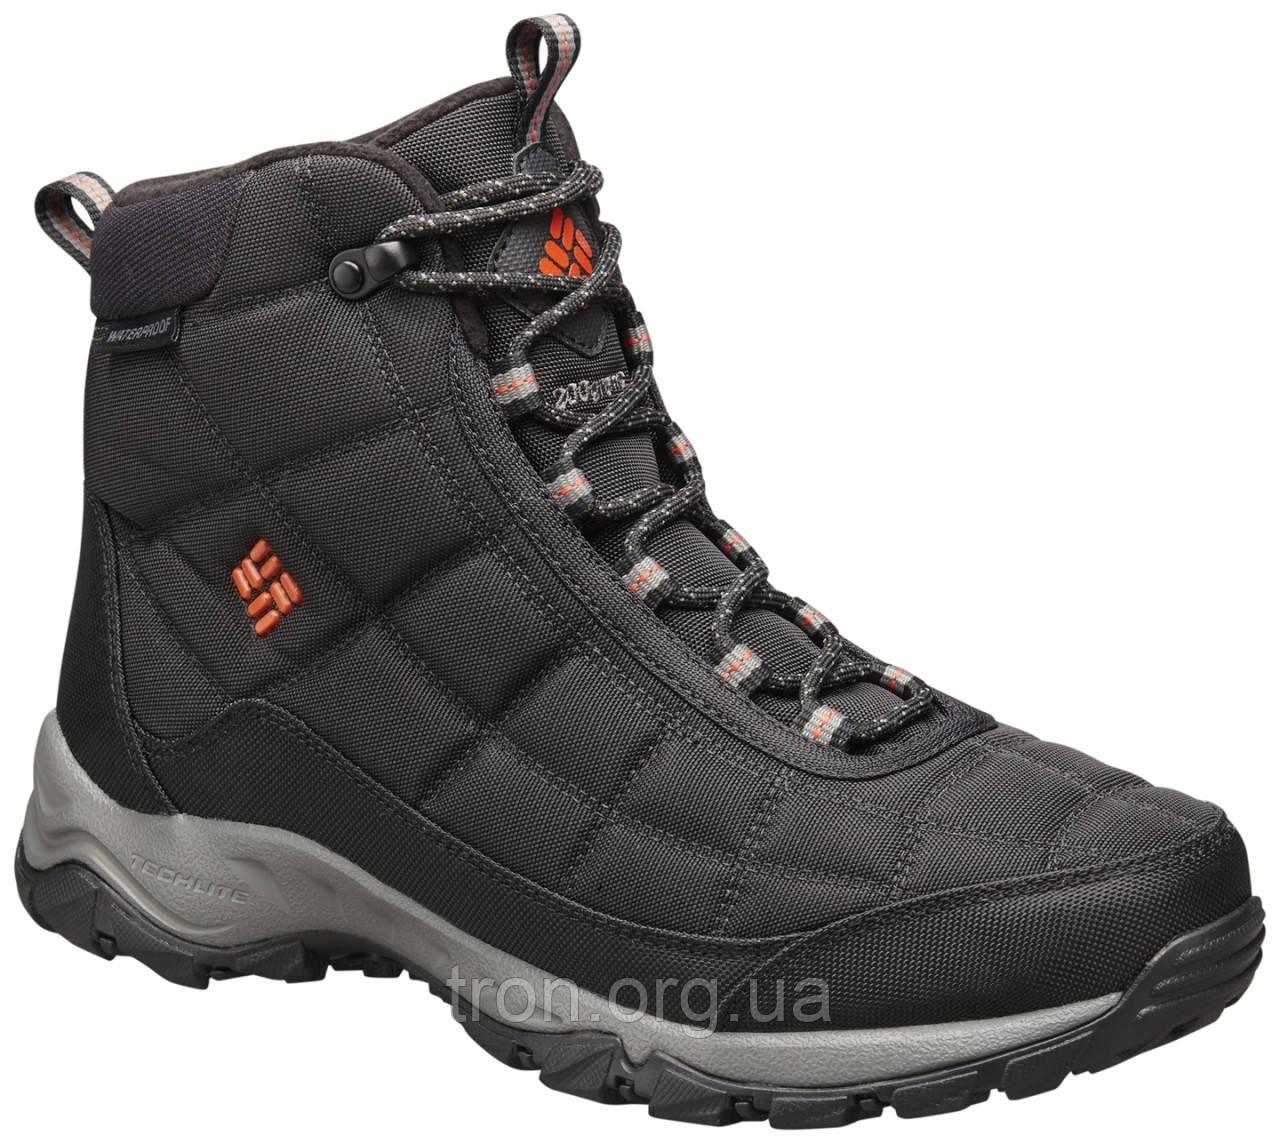 15f6038790437 Ботинки Мужские Columbia Firecamp Boot WP, цена 2 915 грн., купить в ...